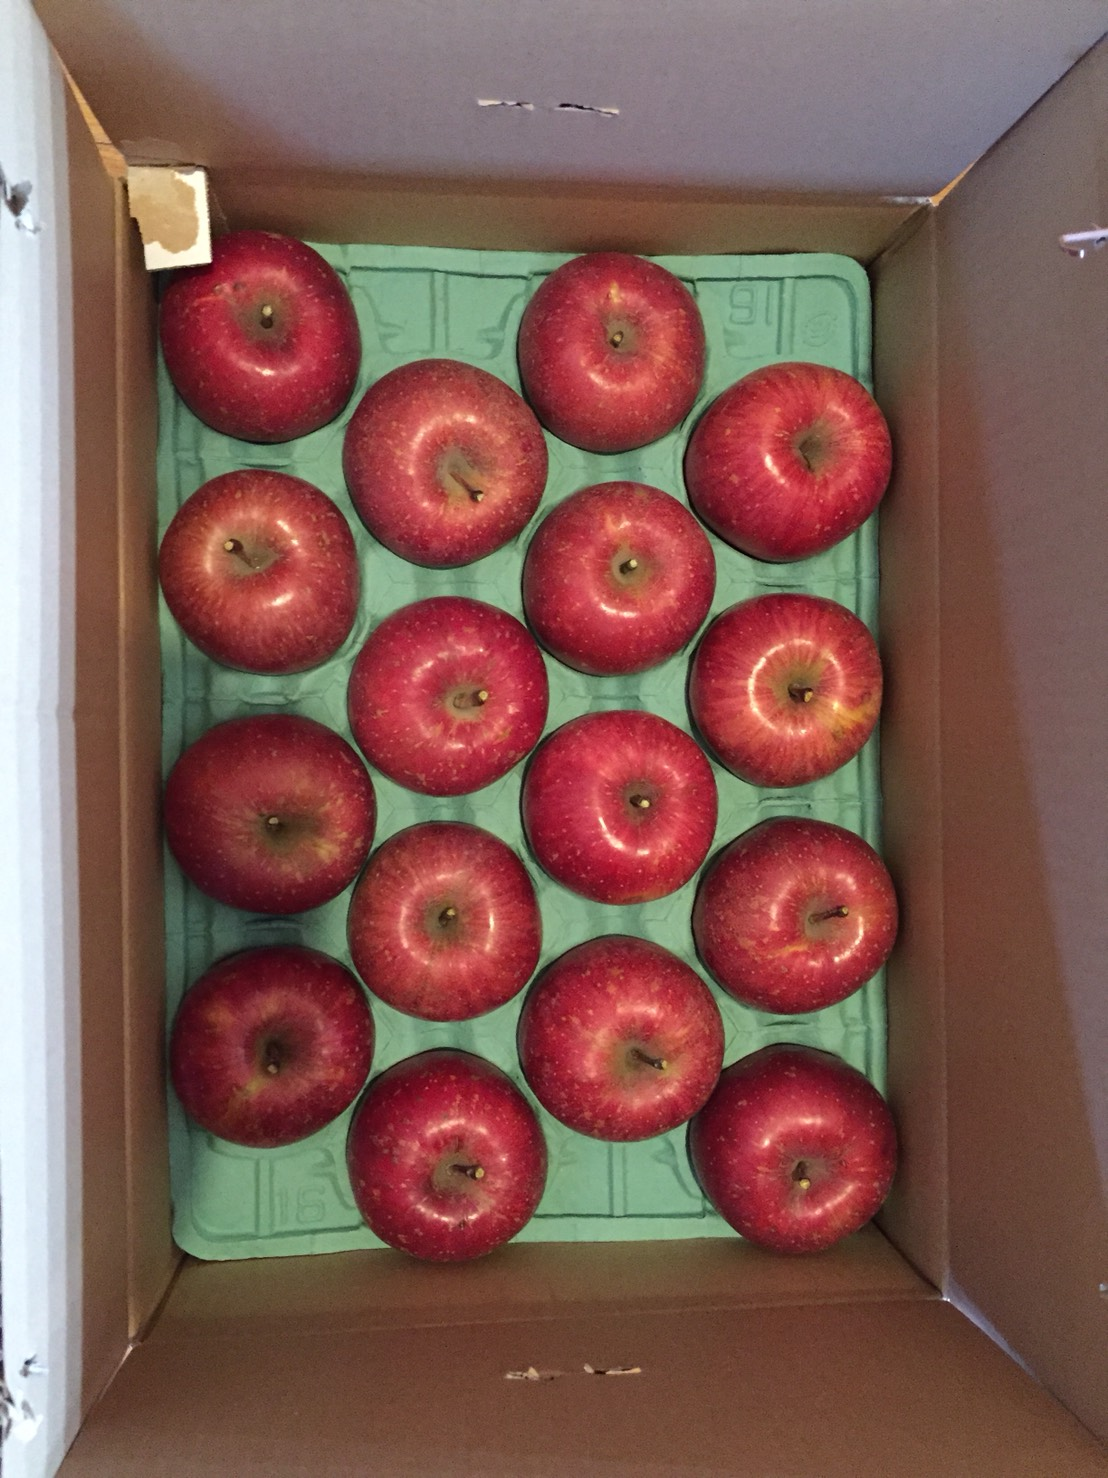 お客様からいただいたリンゴ